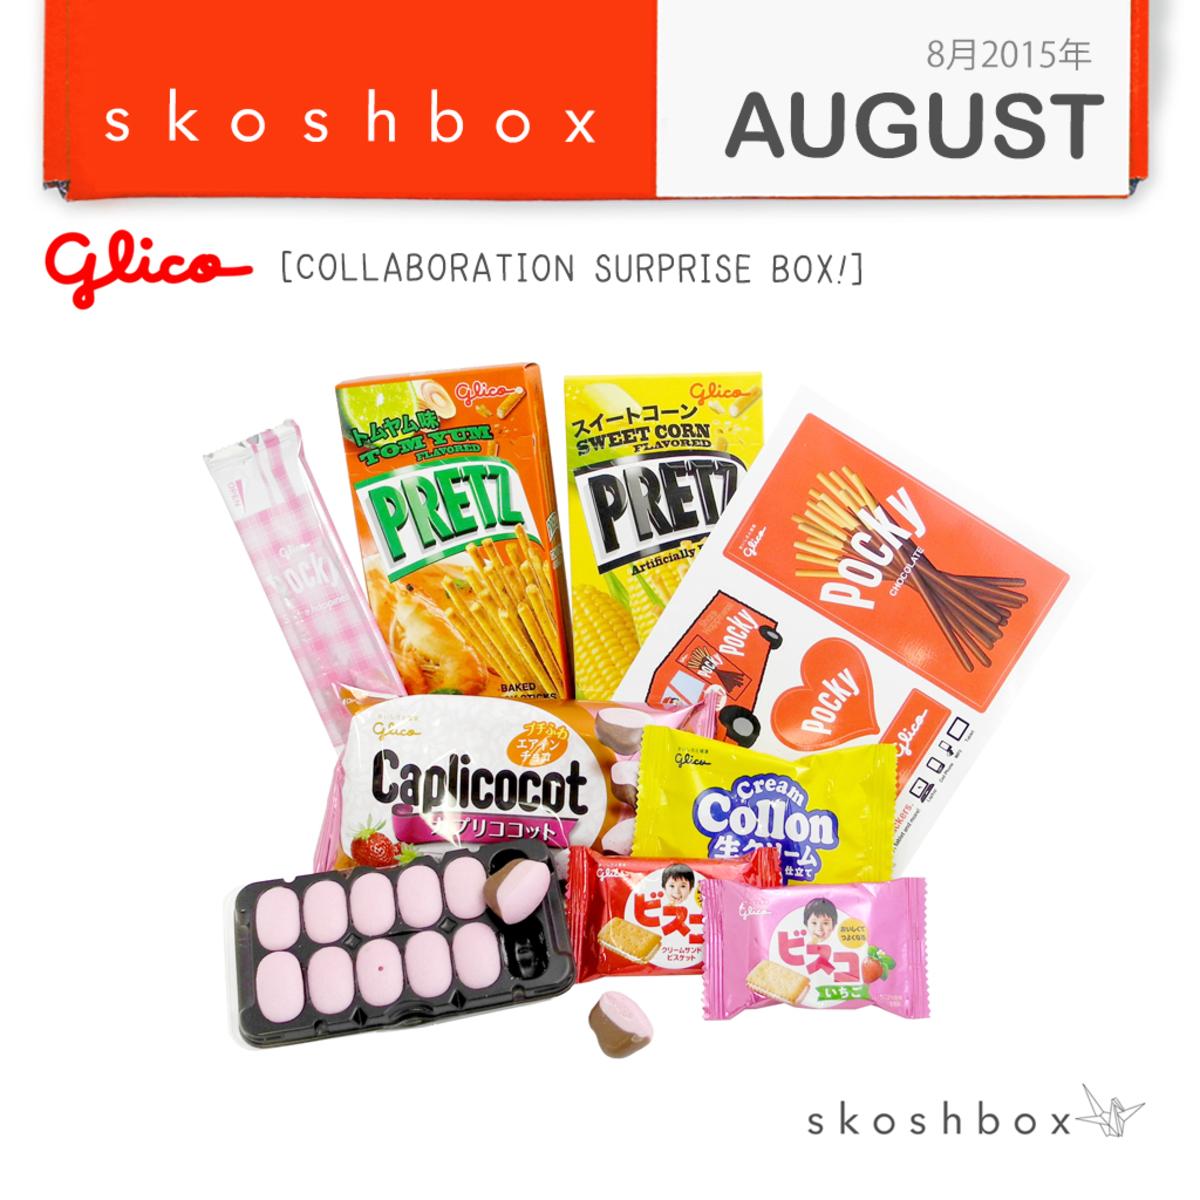 August's Skoshbox